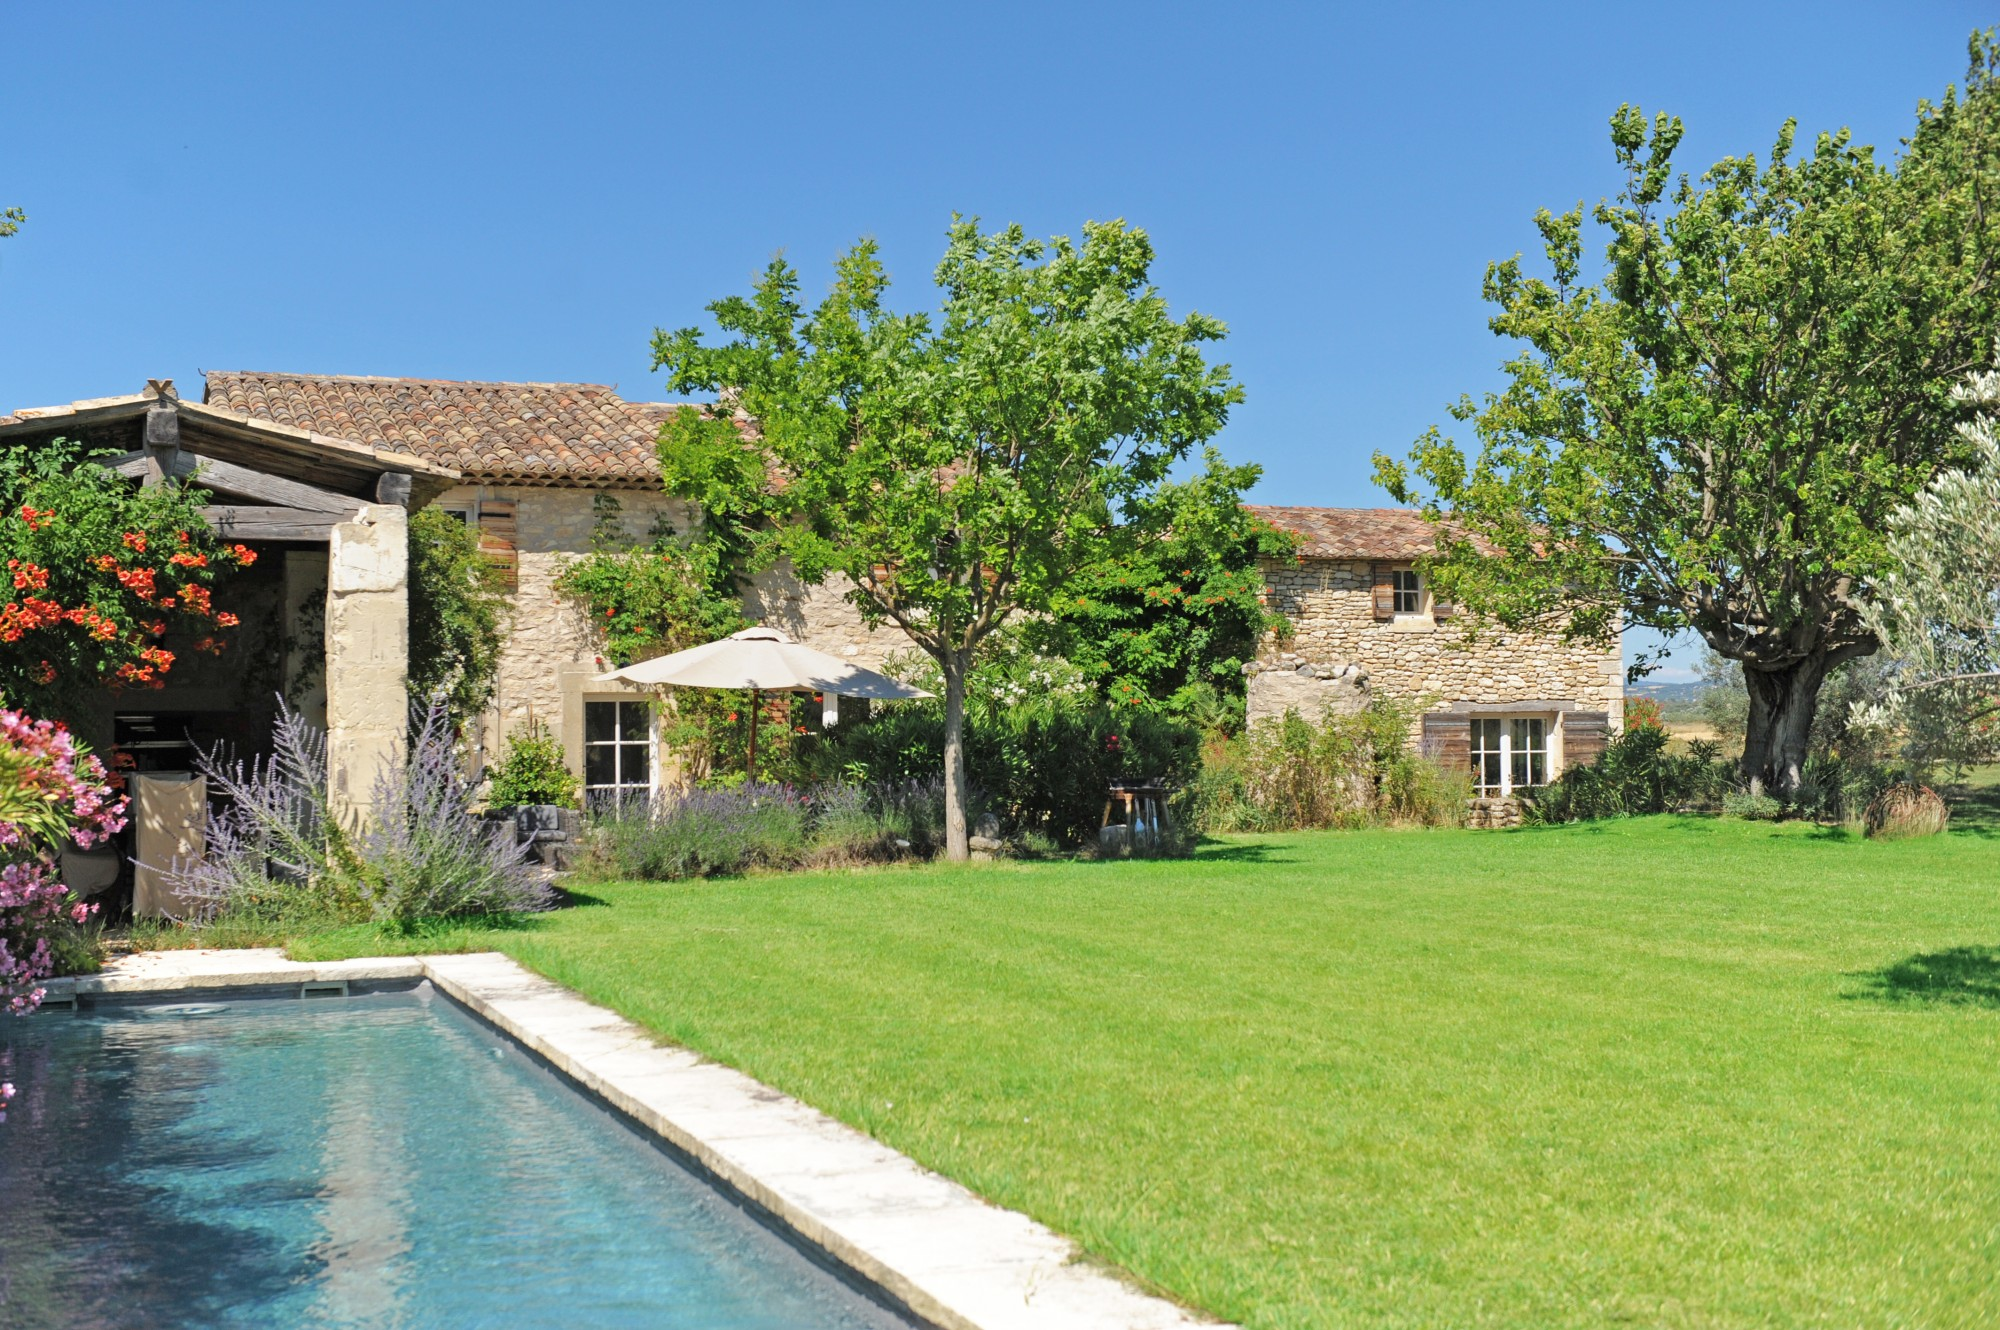 Proche Bonnieux, ferme rénovée avec piscine sur plus de 2 hectares